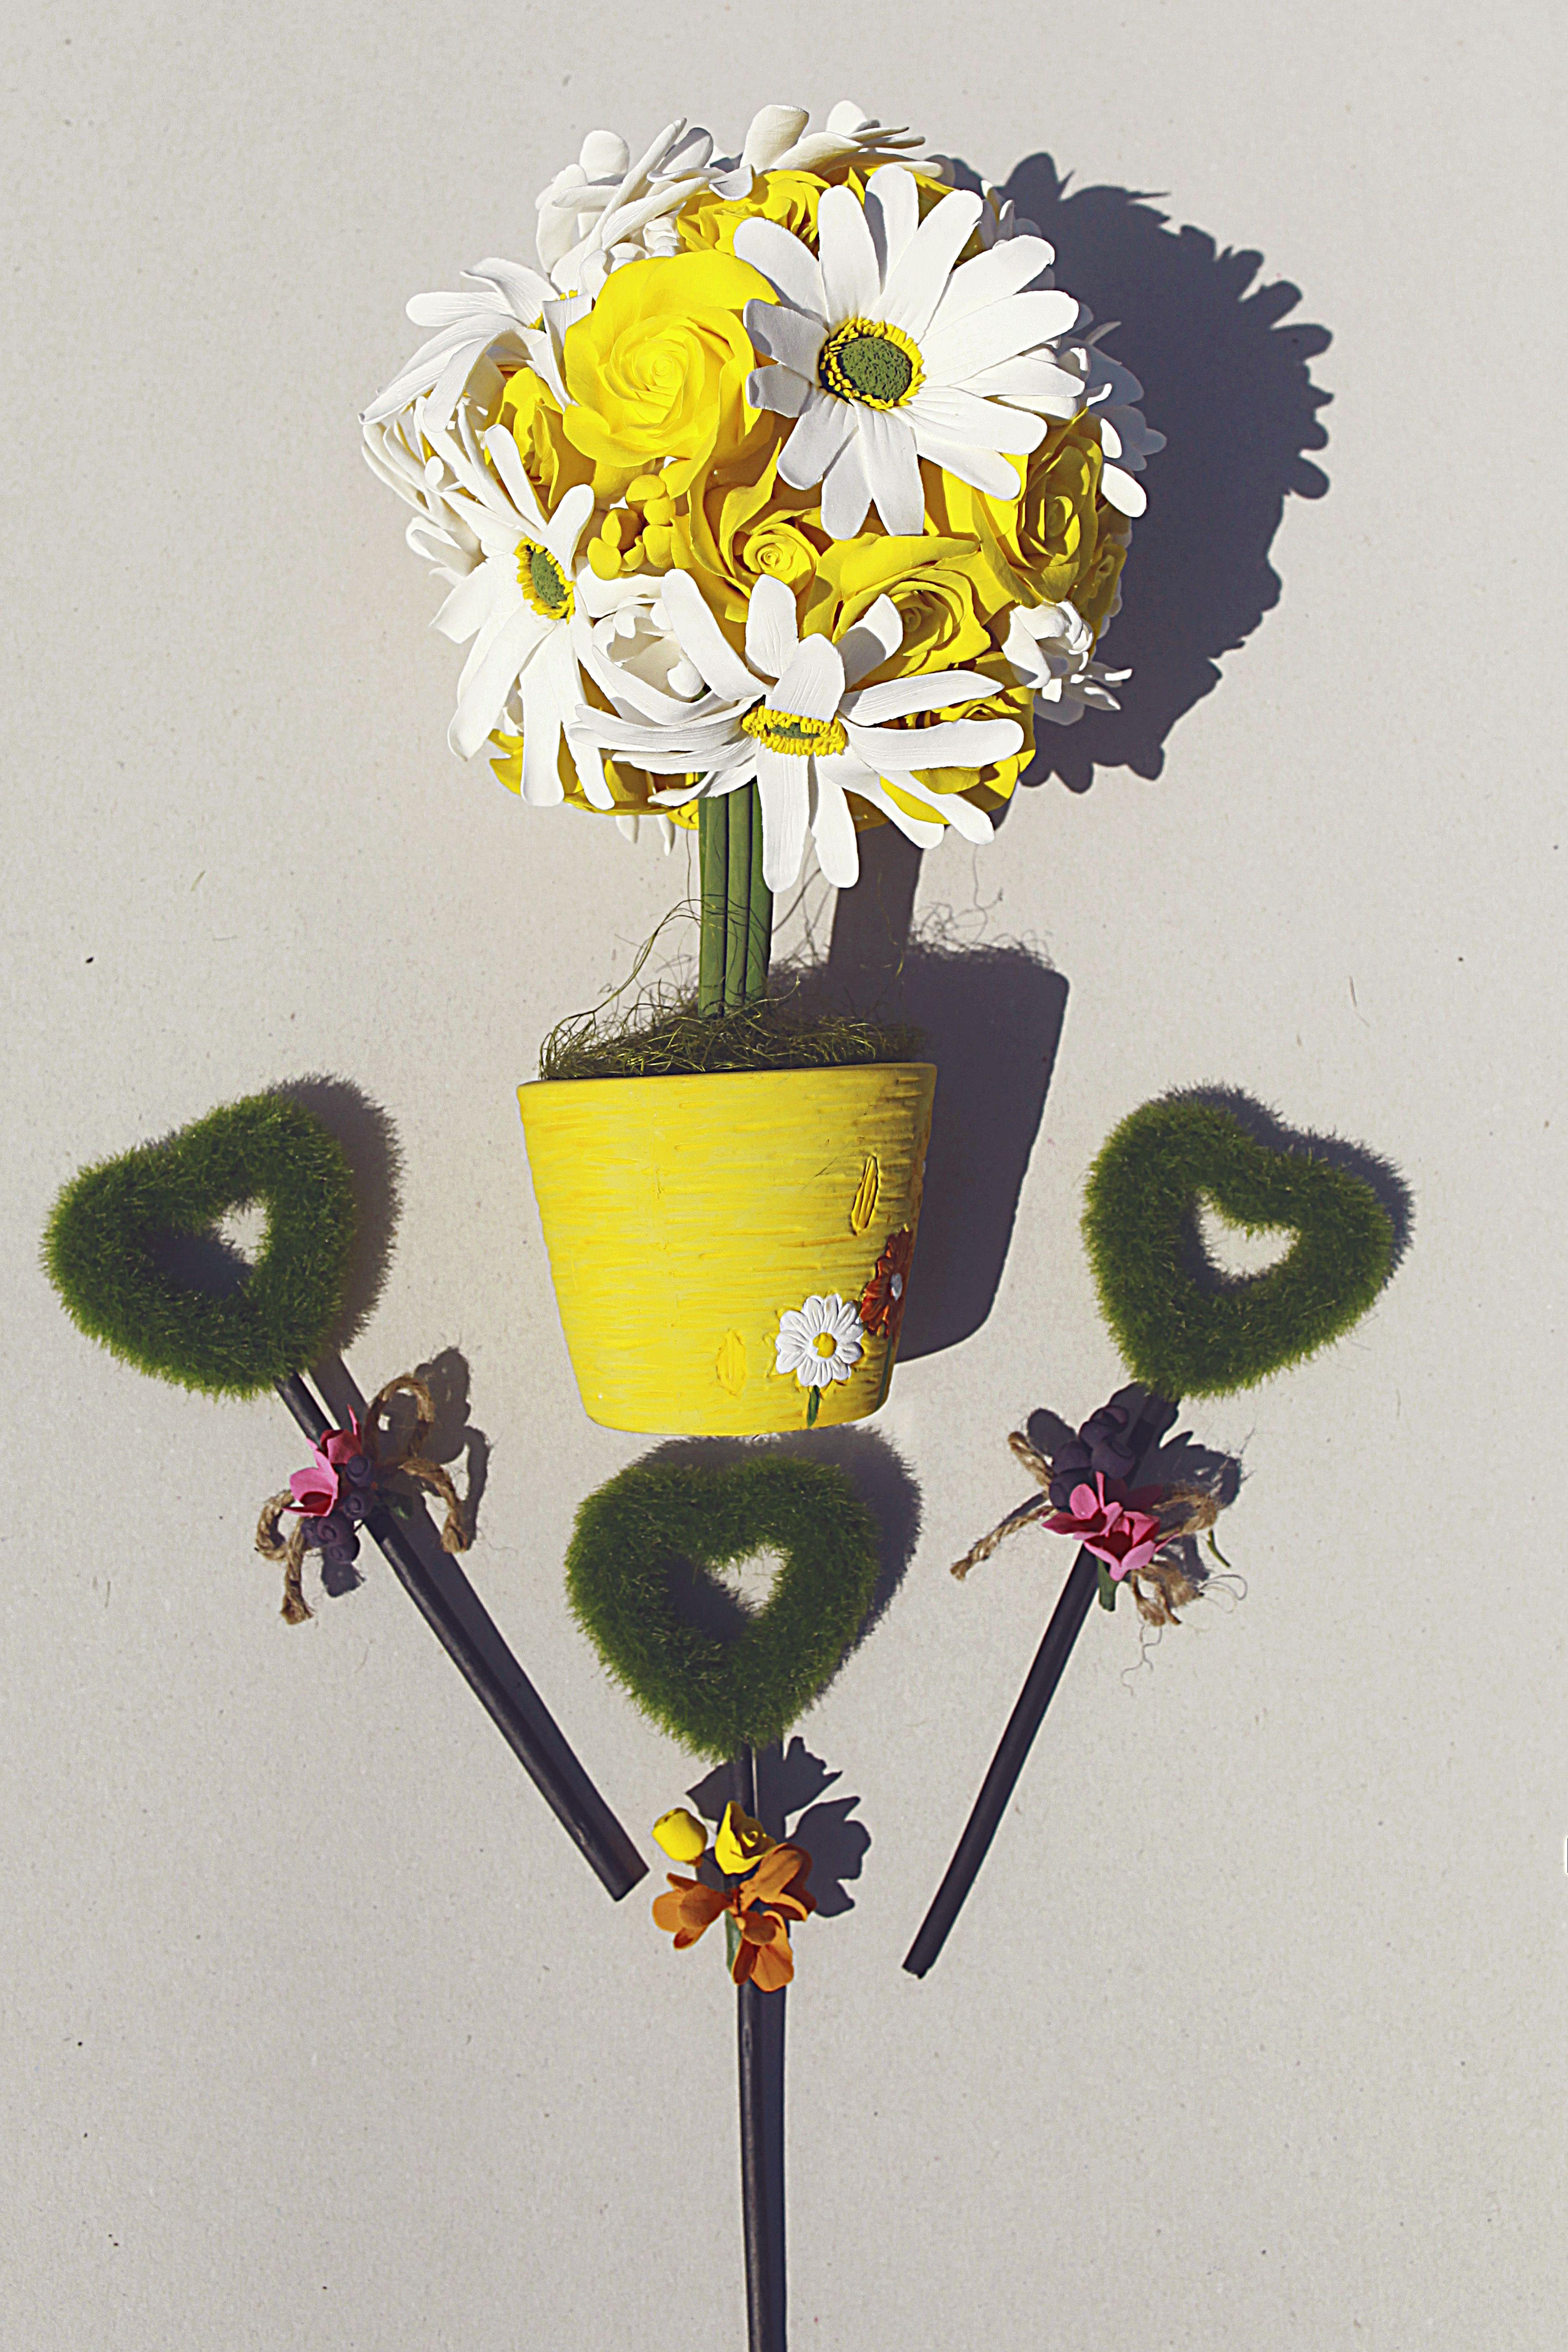 герберы белый розы люблюцветы декор всех маме желтый для дерево интерьер украшение подарок